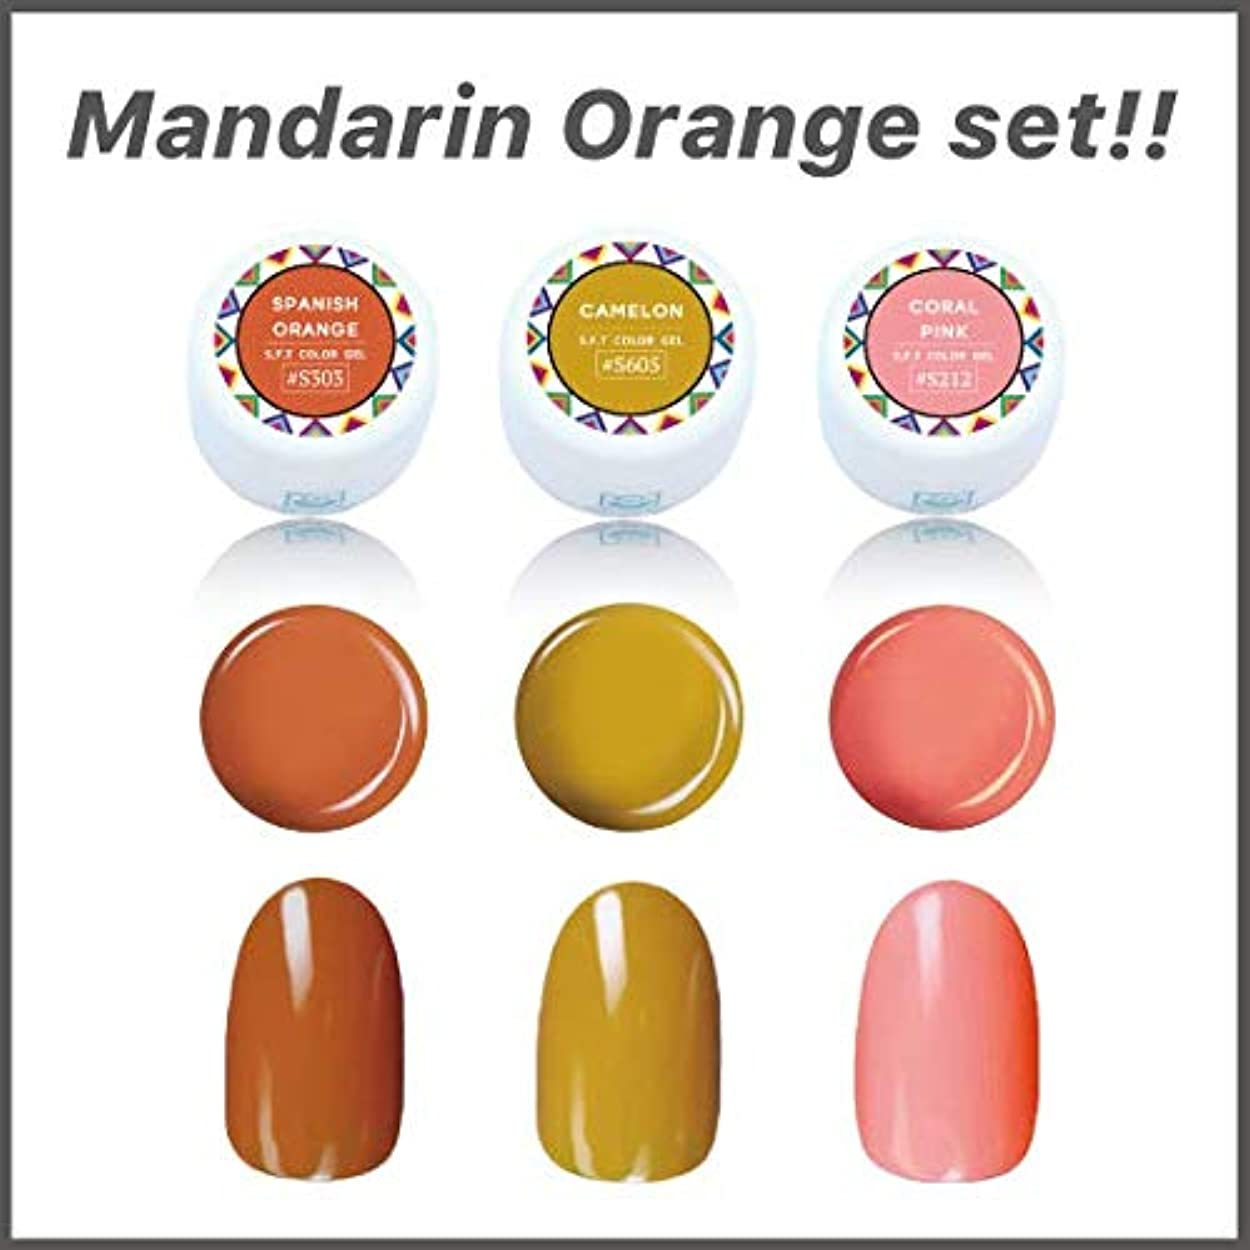 ある広告人気日本製 ジェルネイル マンダリンオレンジセット 3色セット FUNSIDË ファンサイド カラージェル マンダリン オレンジ イエロー ピンク